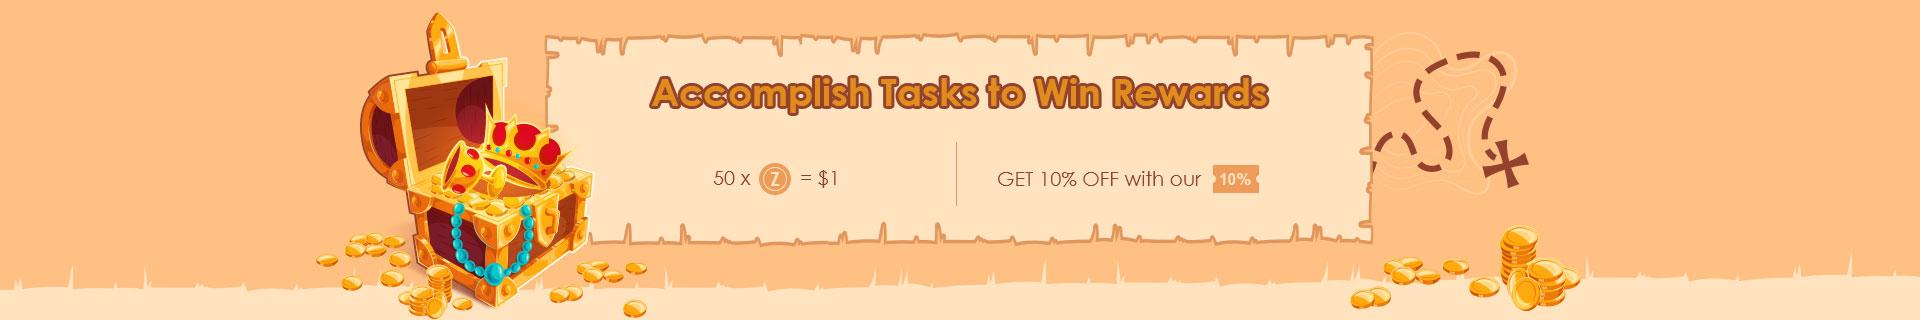 Zaful Accomplish Task Banner